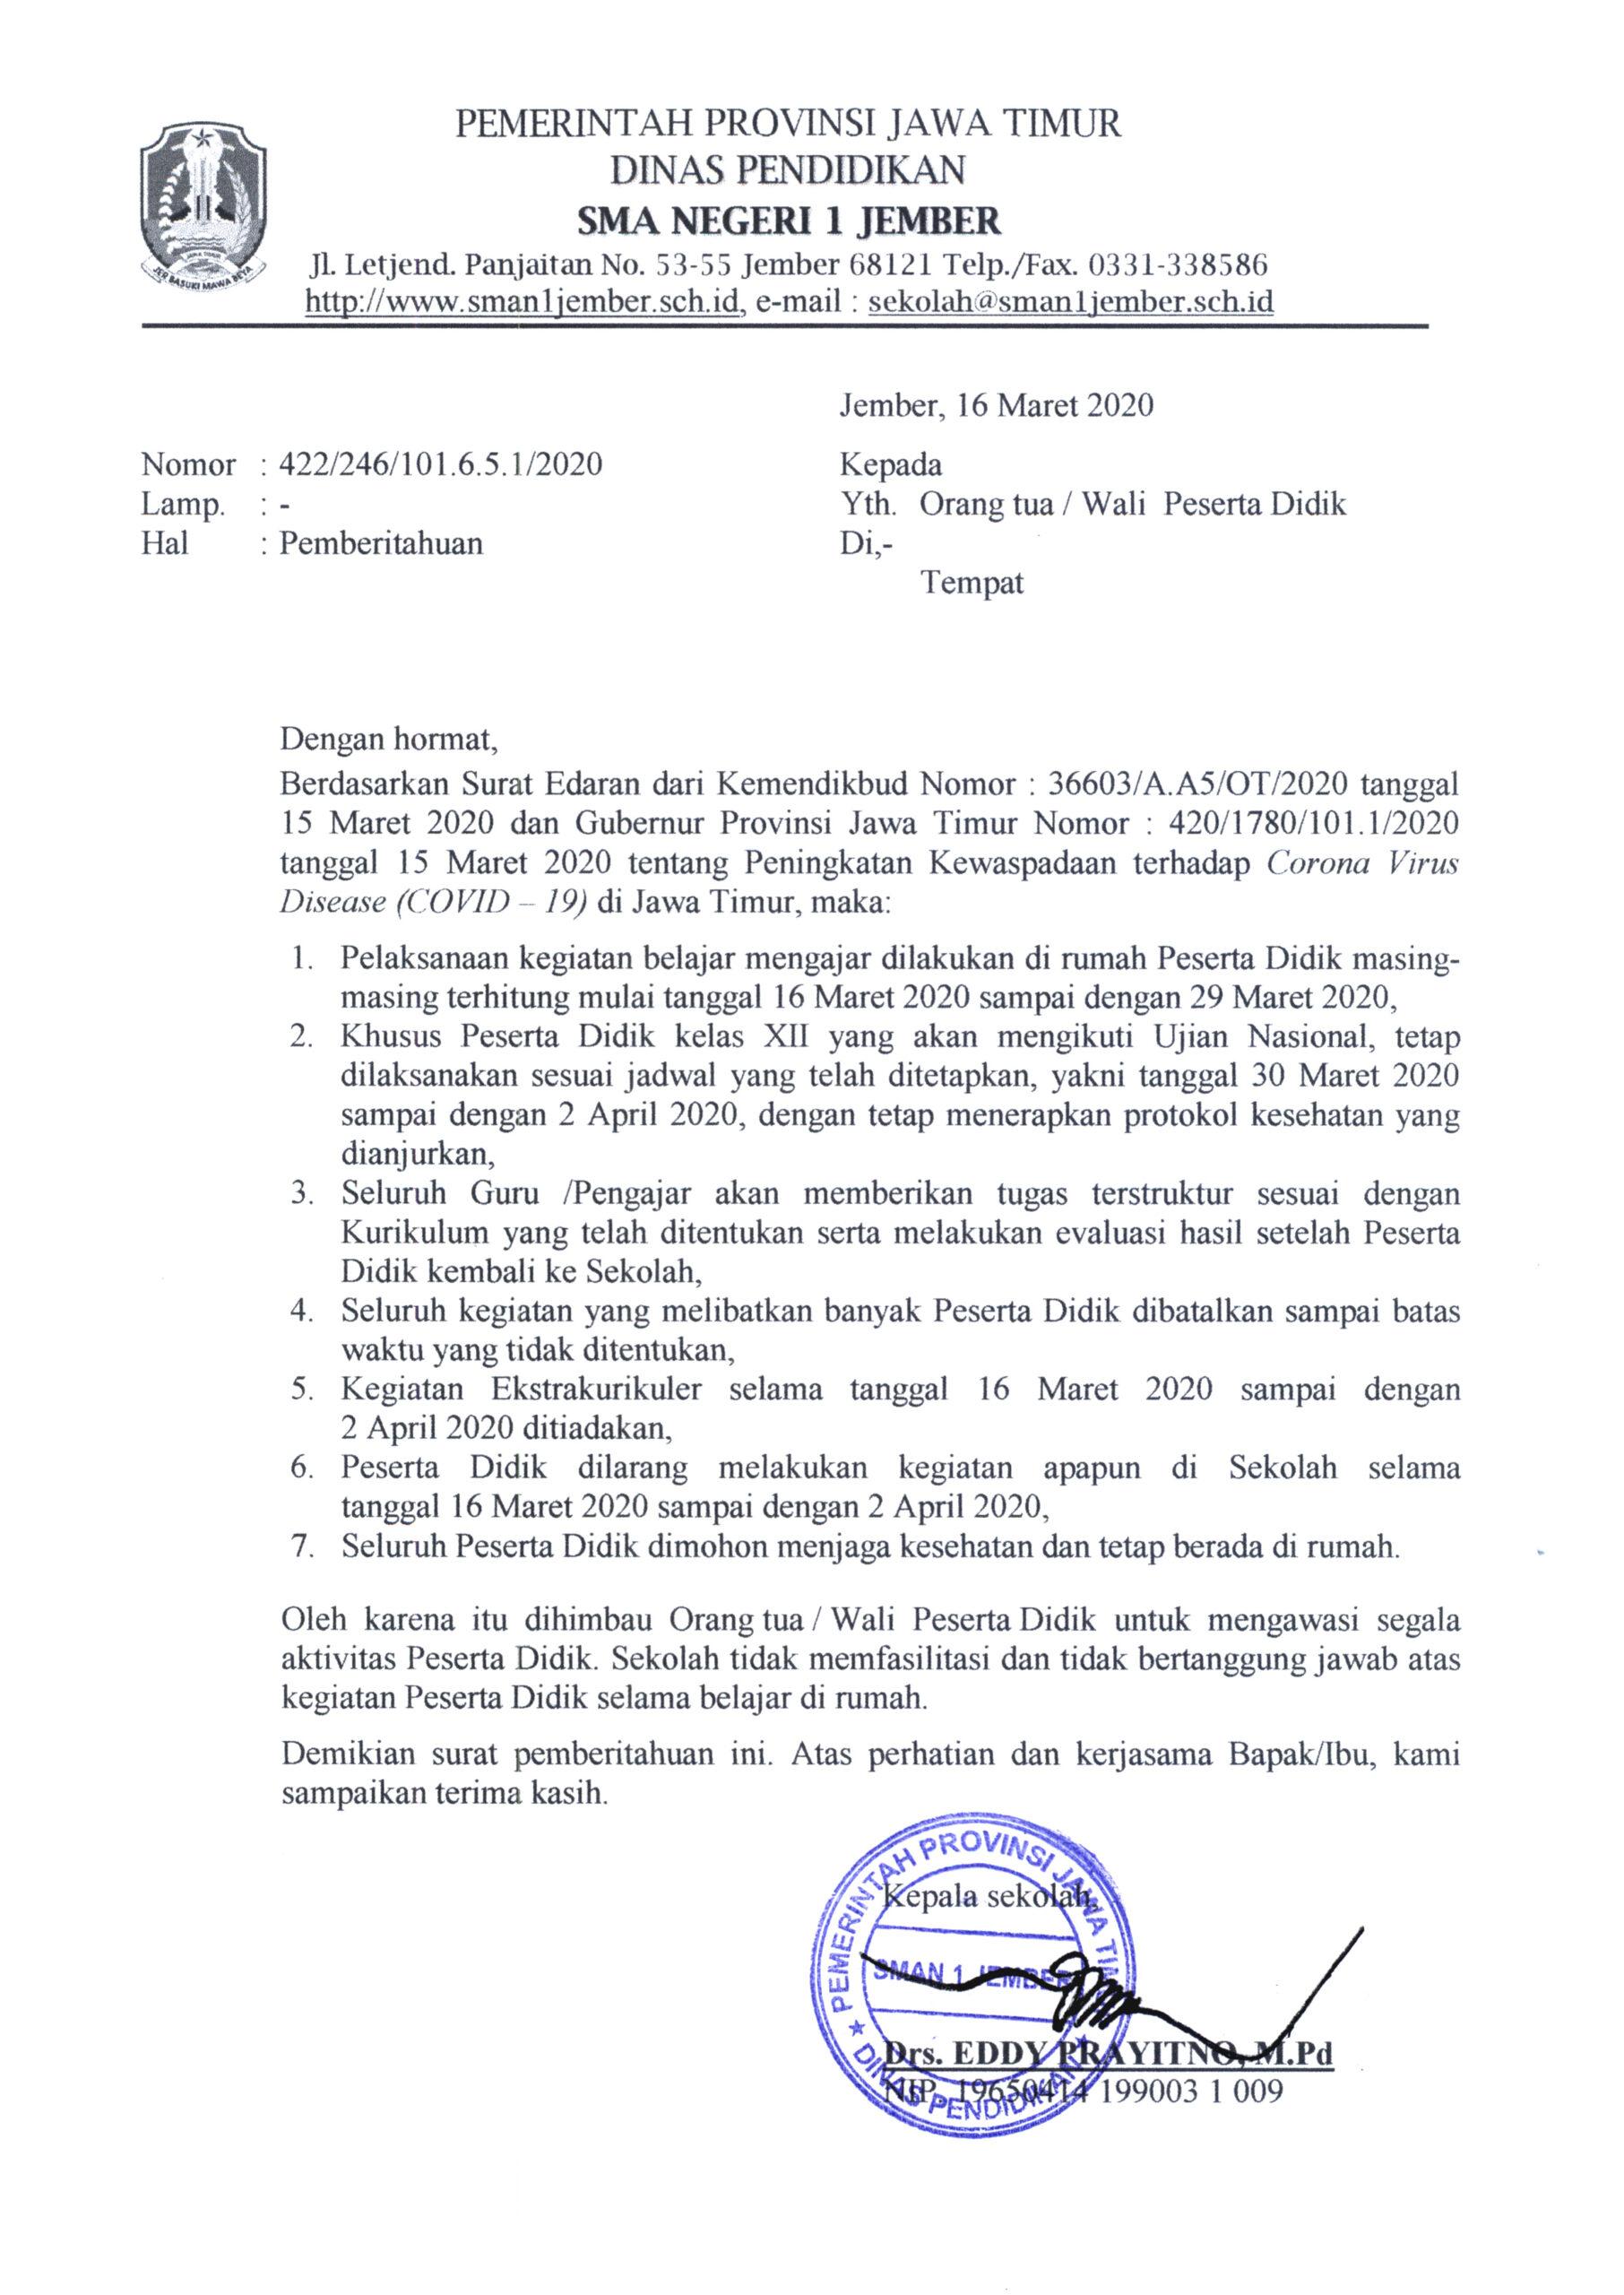 4. Contoh Surat Pemberitahuan Wali Murid 2